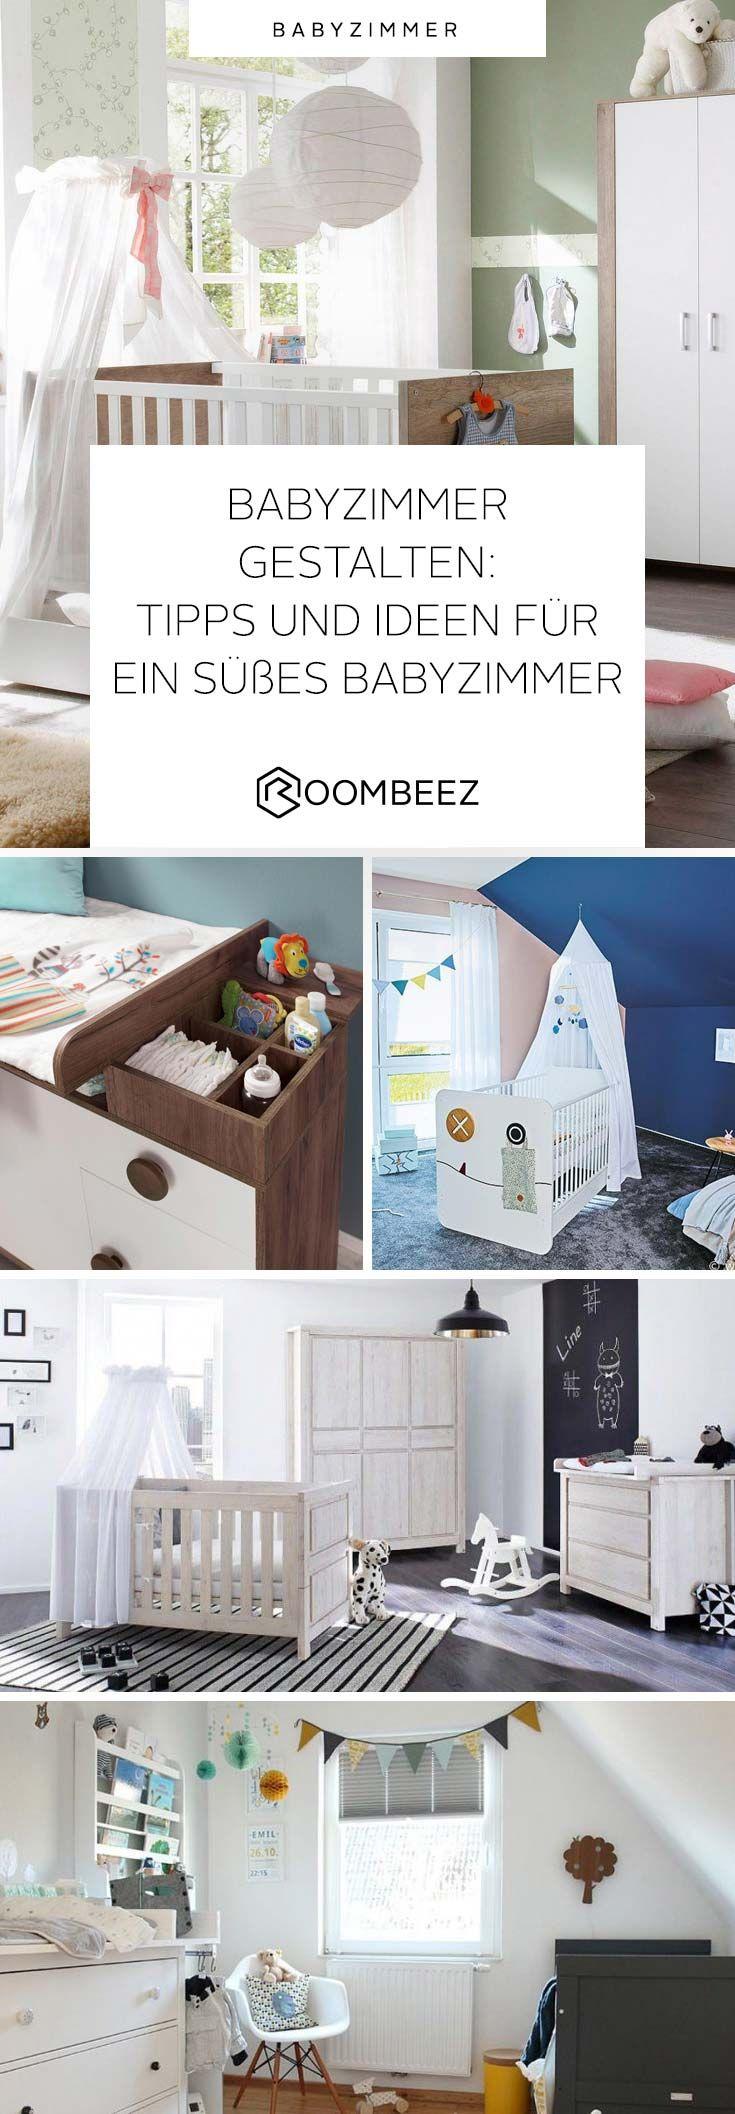 Babyzimmer gestalten & einrichten » Schöne Ideen & Tipps | Roombeez ...